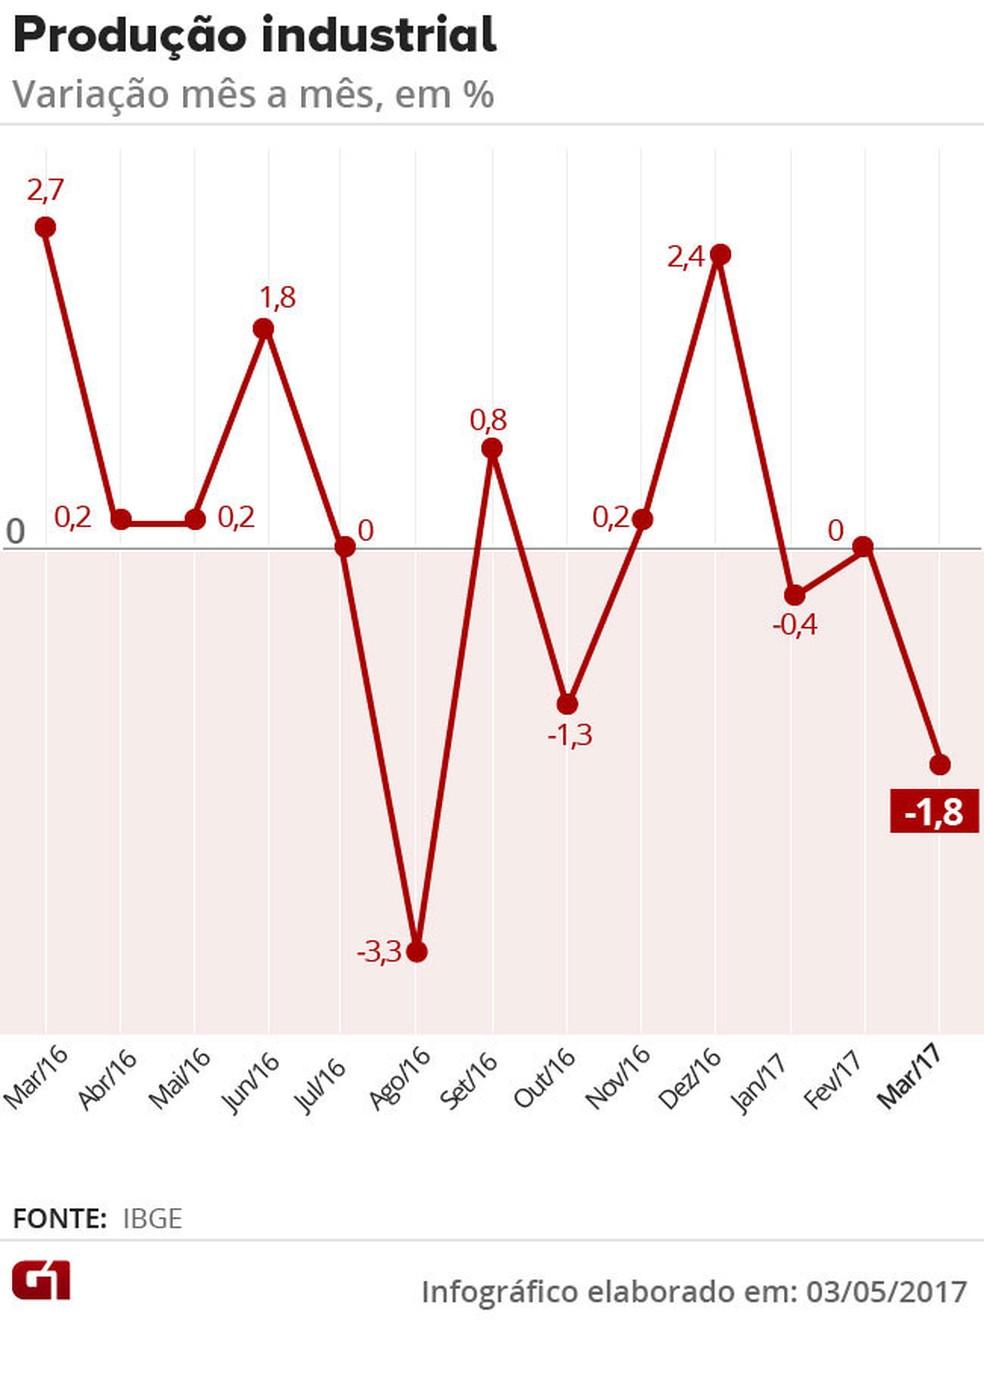 Produção industrial mês a mês, com a revisão do IBGE (Foto: Editoria de Arte/G1)